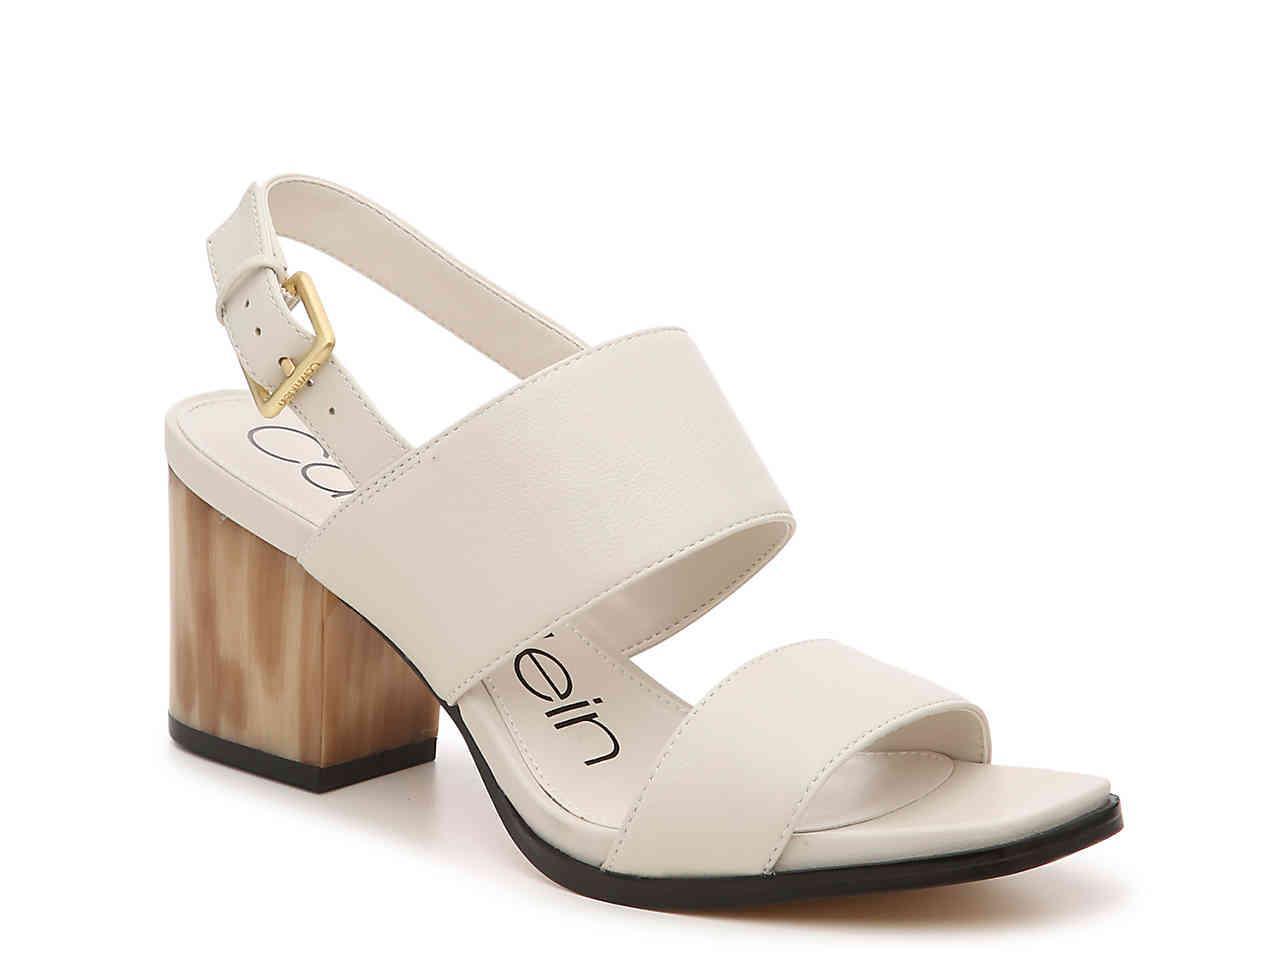 5e6c24d88f Calvin Klein Rosemary Crevo Sandal in White - Lyst